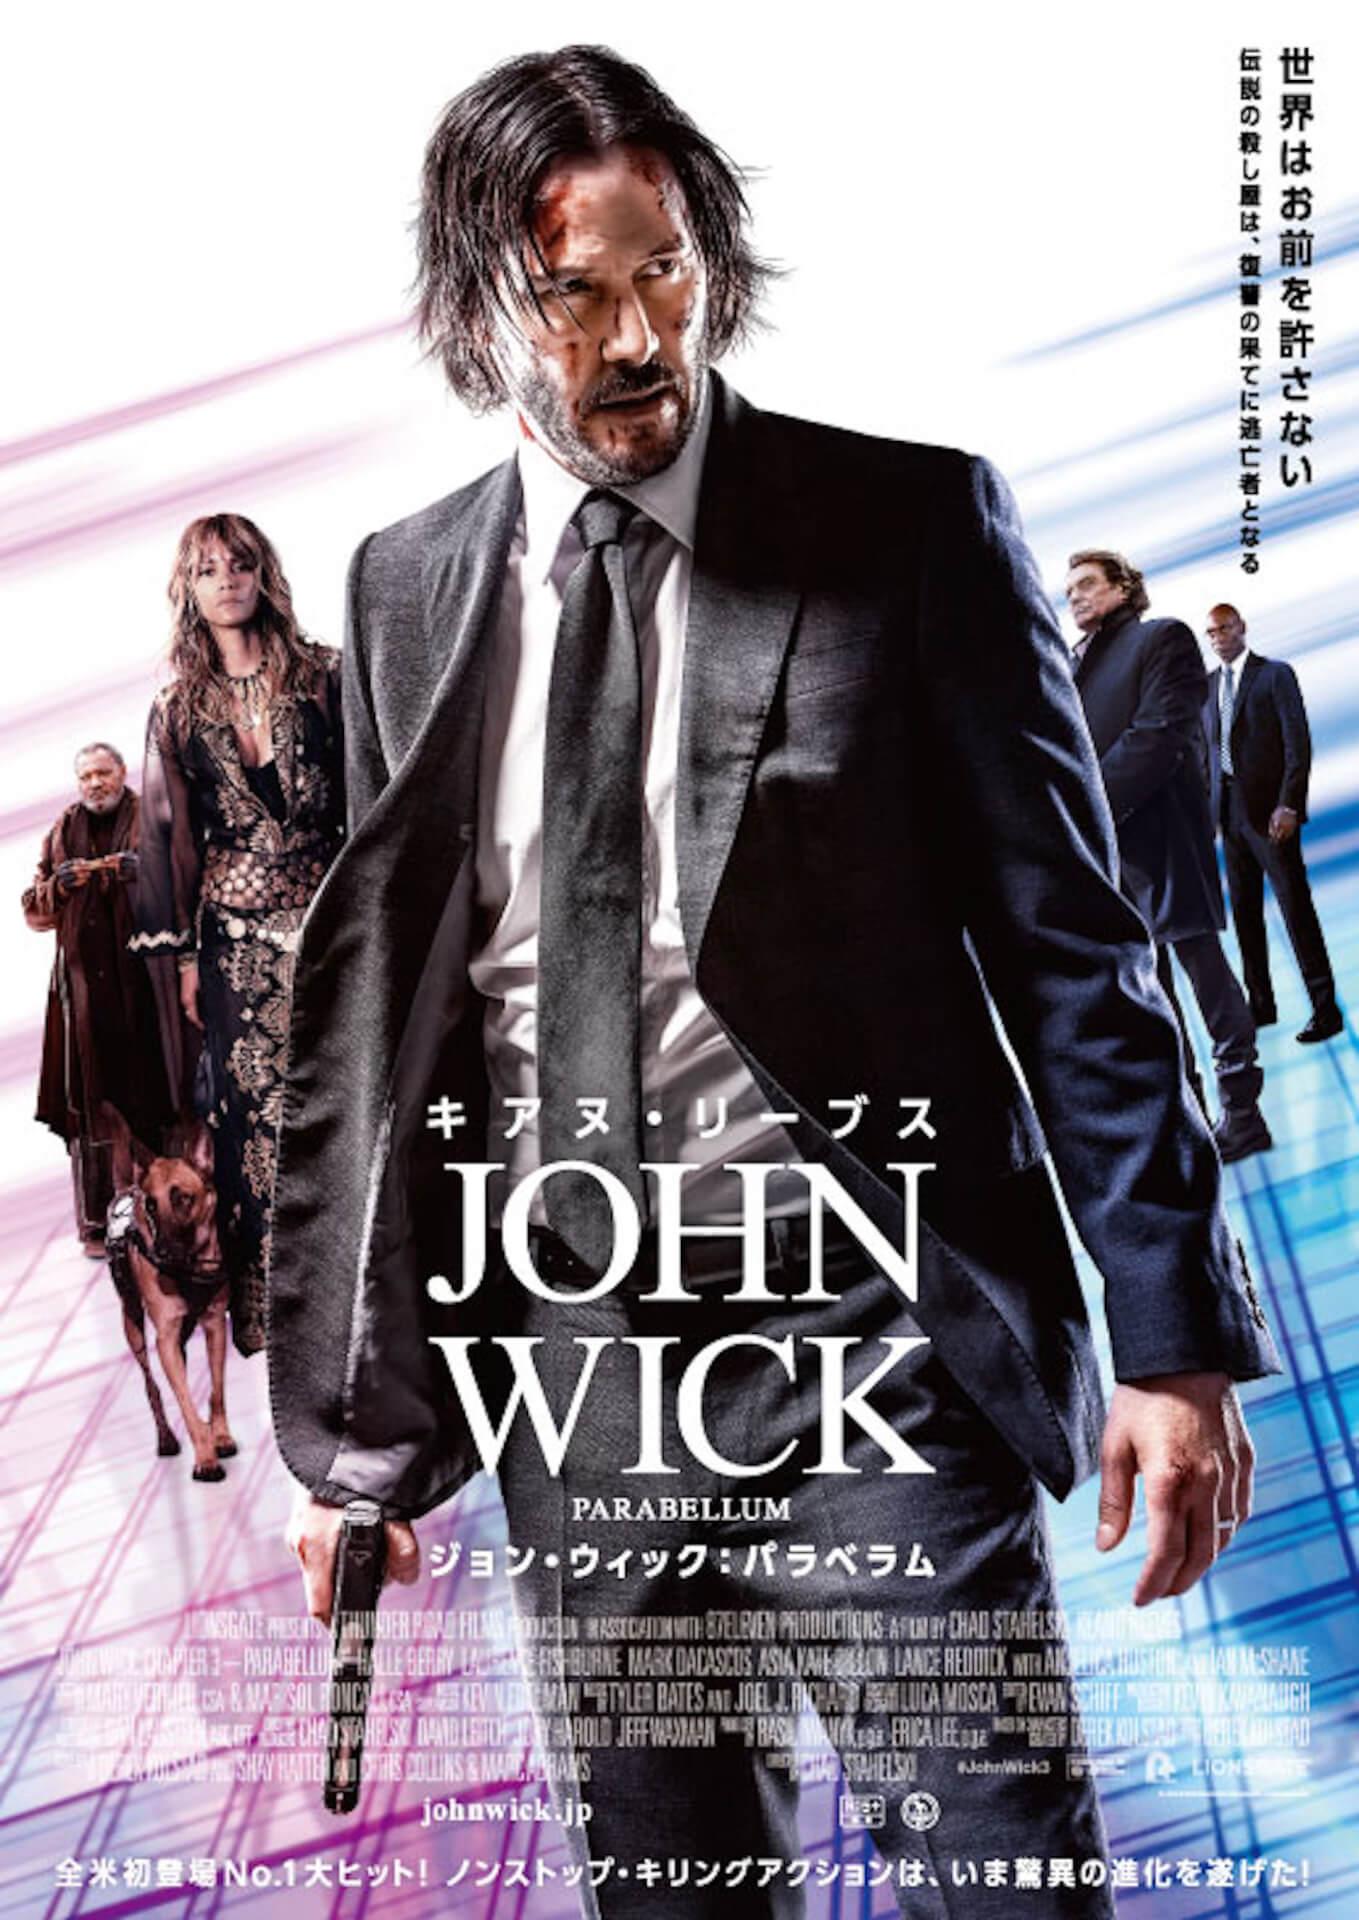 キアヌ・リーブスがあなたの家でガン・フーを披露!『ジョン・ウィック:パラベラム』Blu-ray&DVD、デジタル配信決定 video191225_johnwick_3